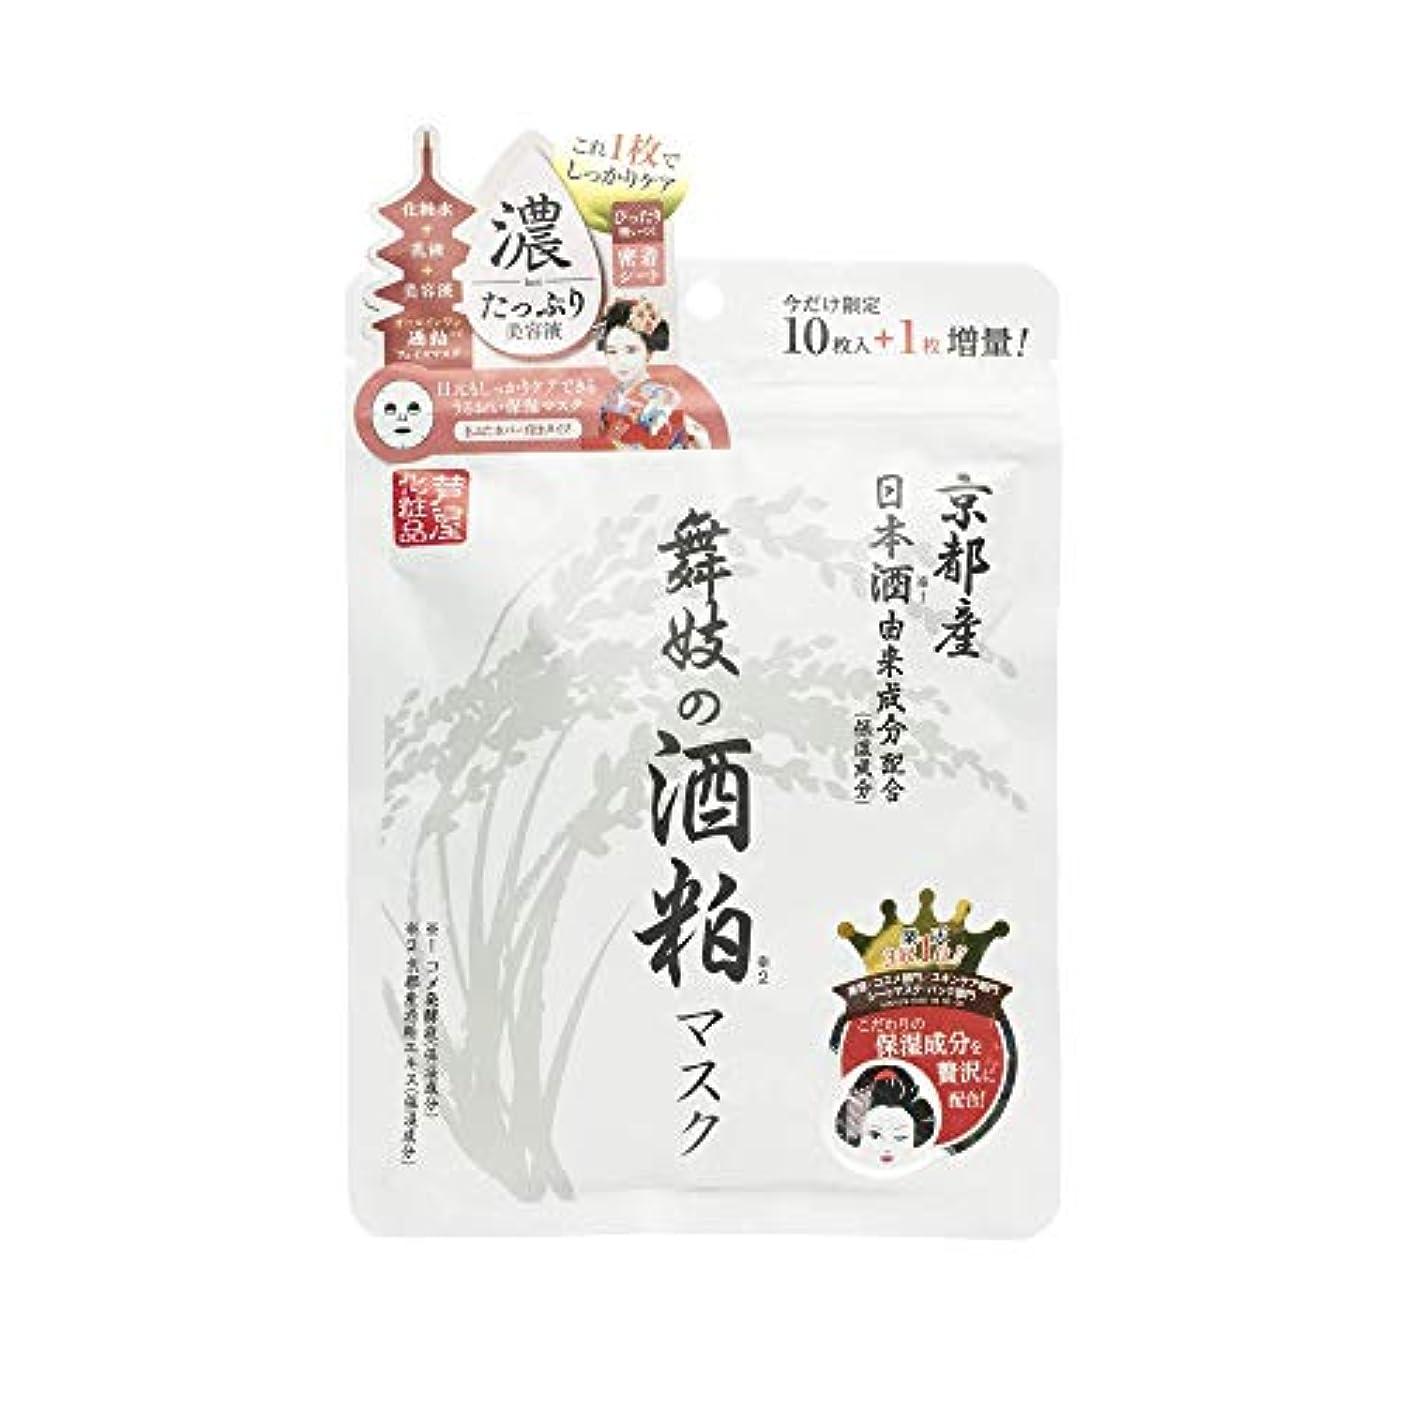 ハッチ添加強い芦屋化粧品 舞妓の酒粕マスク 10枚